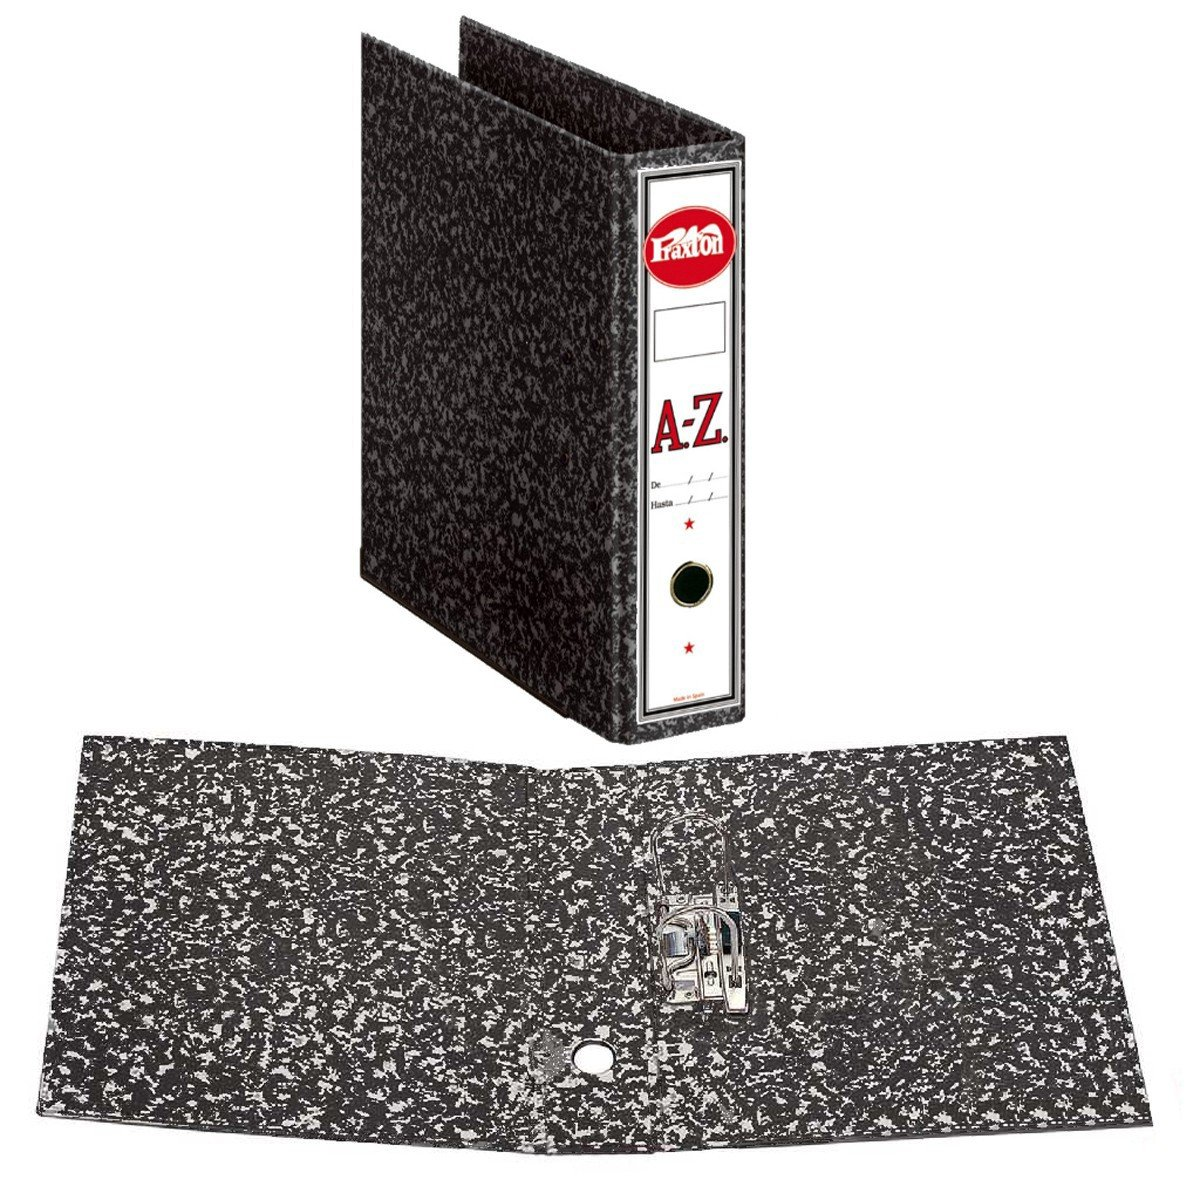 Archivador A-Z PRAXTON Negro Jaspedado, Din-A4 75 mm.: Amazon.es: Oficina y papelería